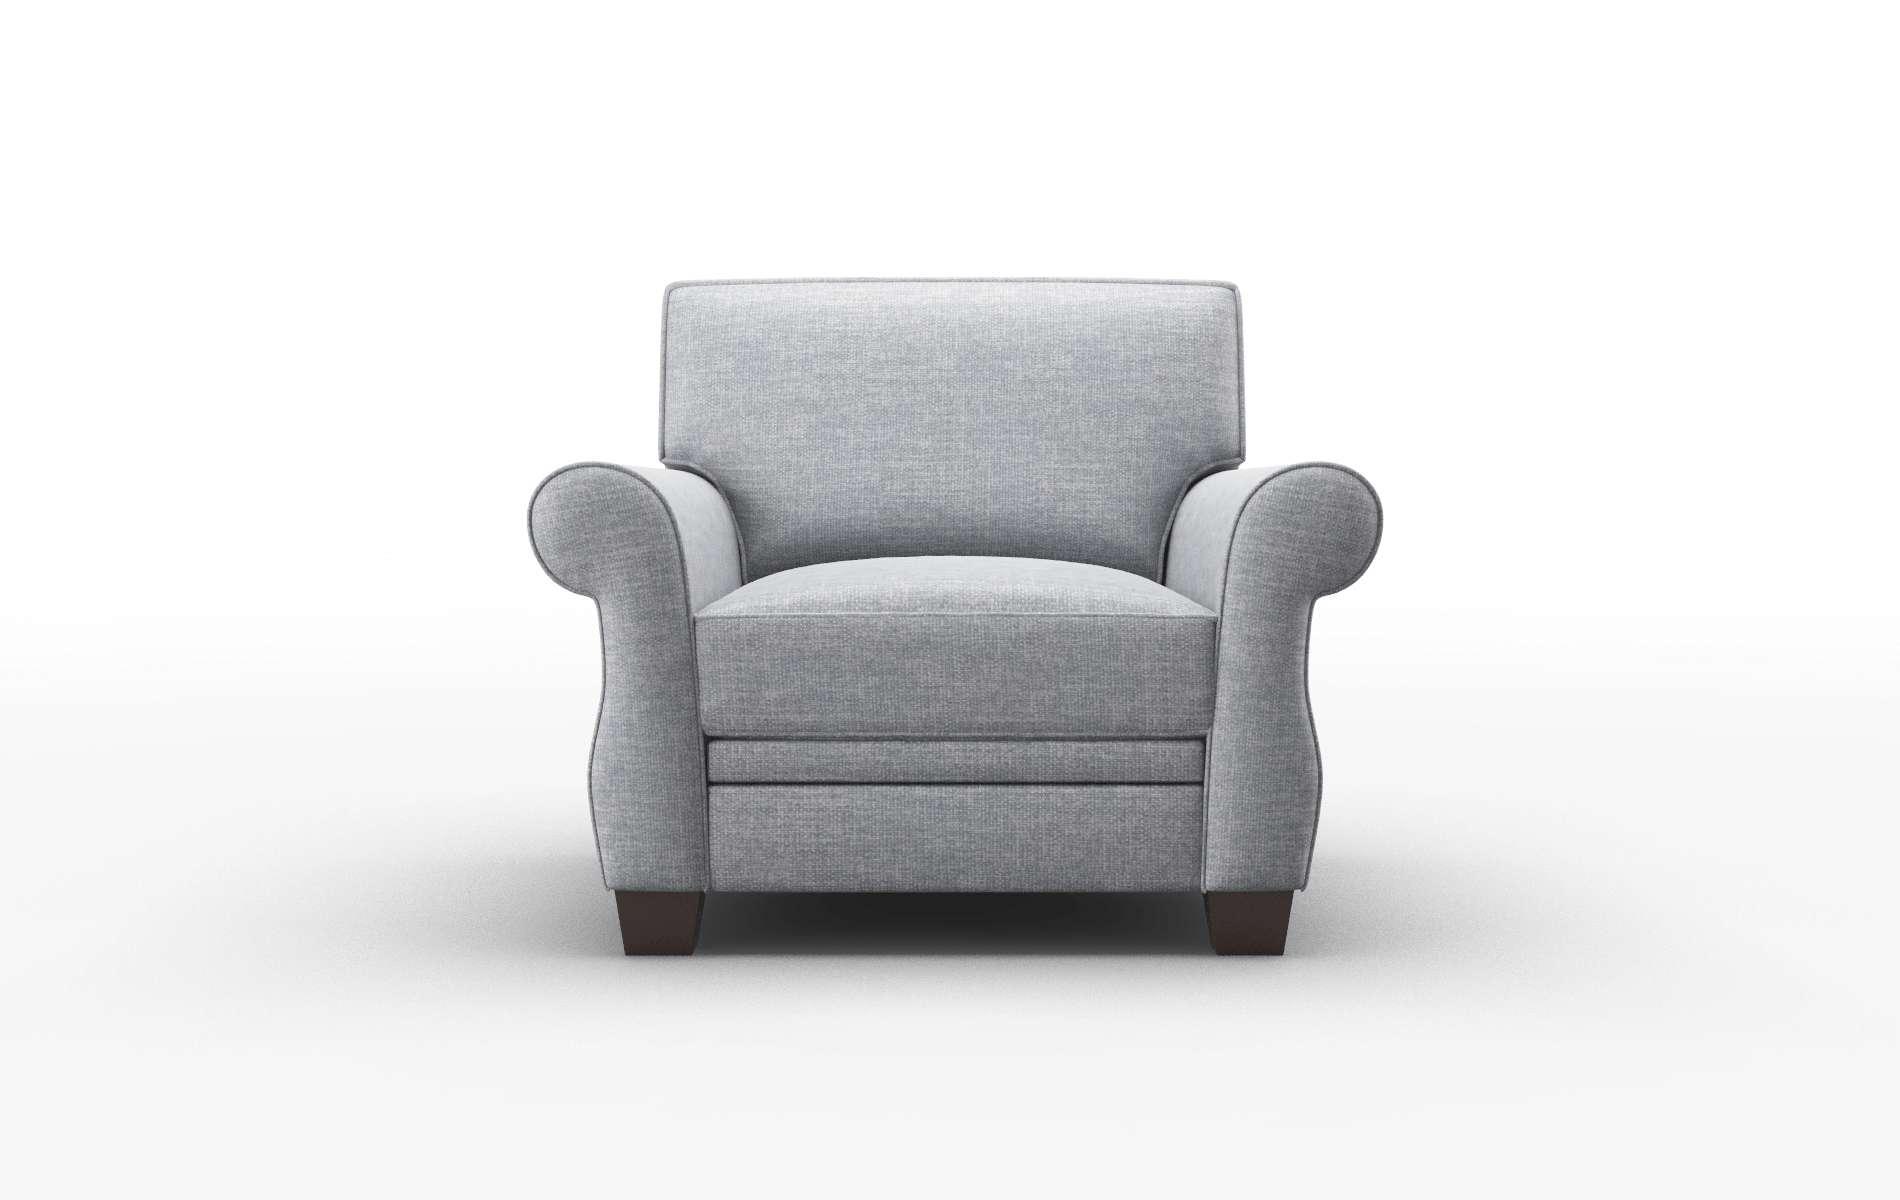 Rome Keylargo Ash Chair espresso legs 1